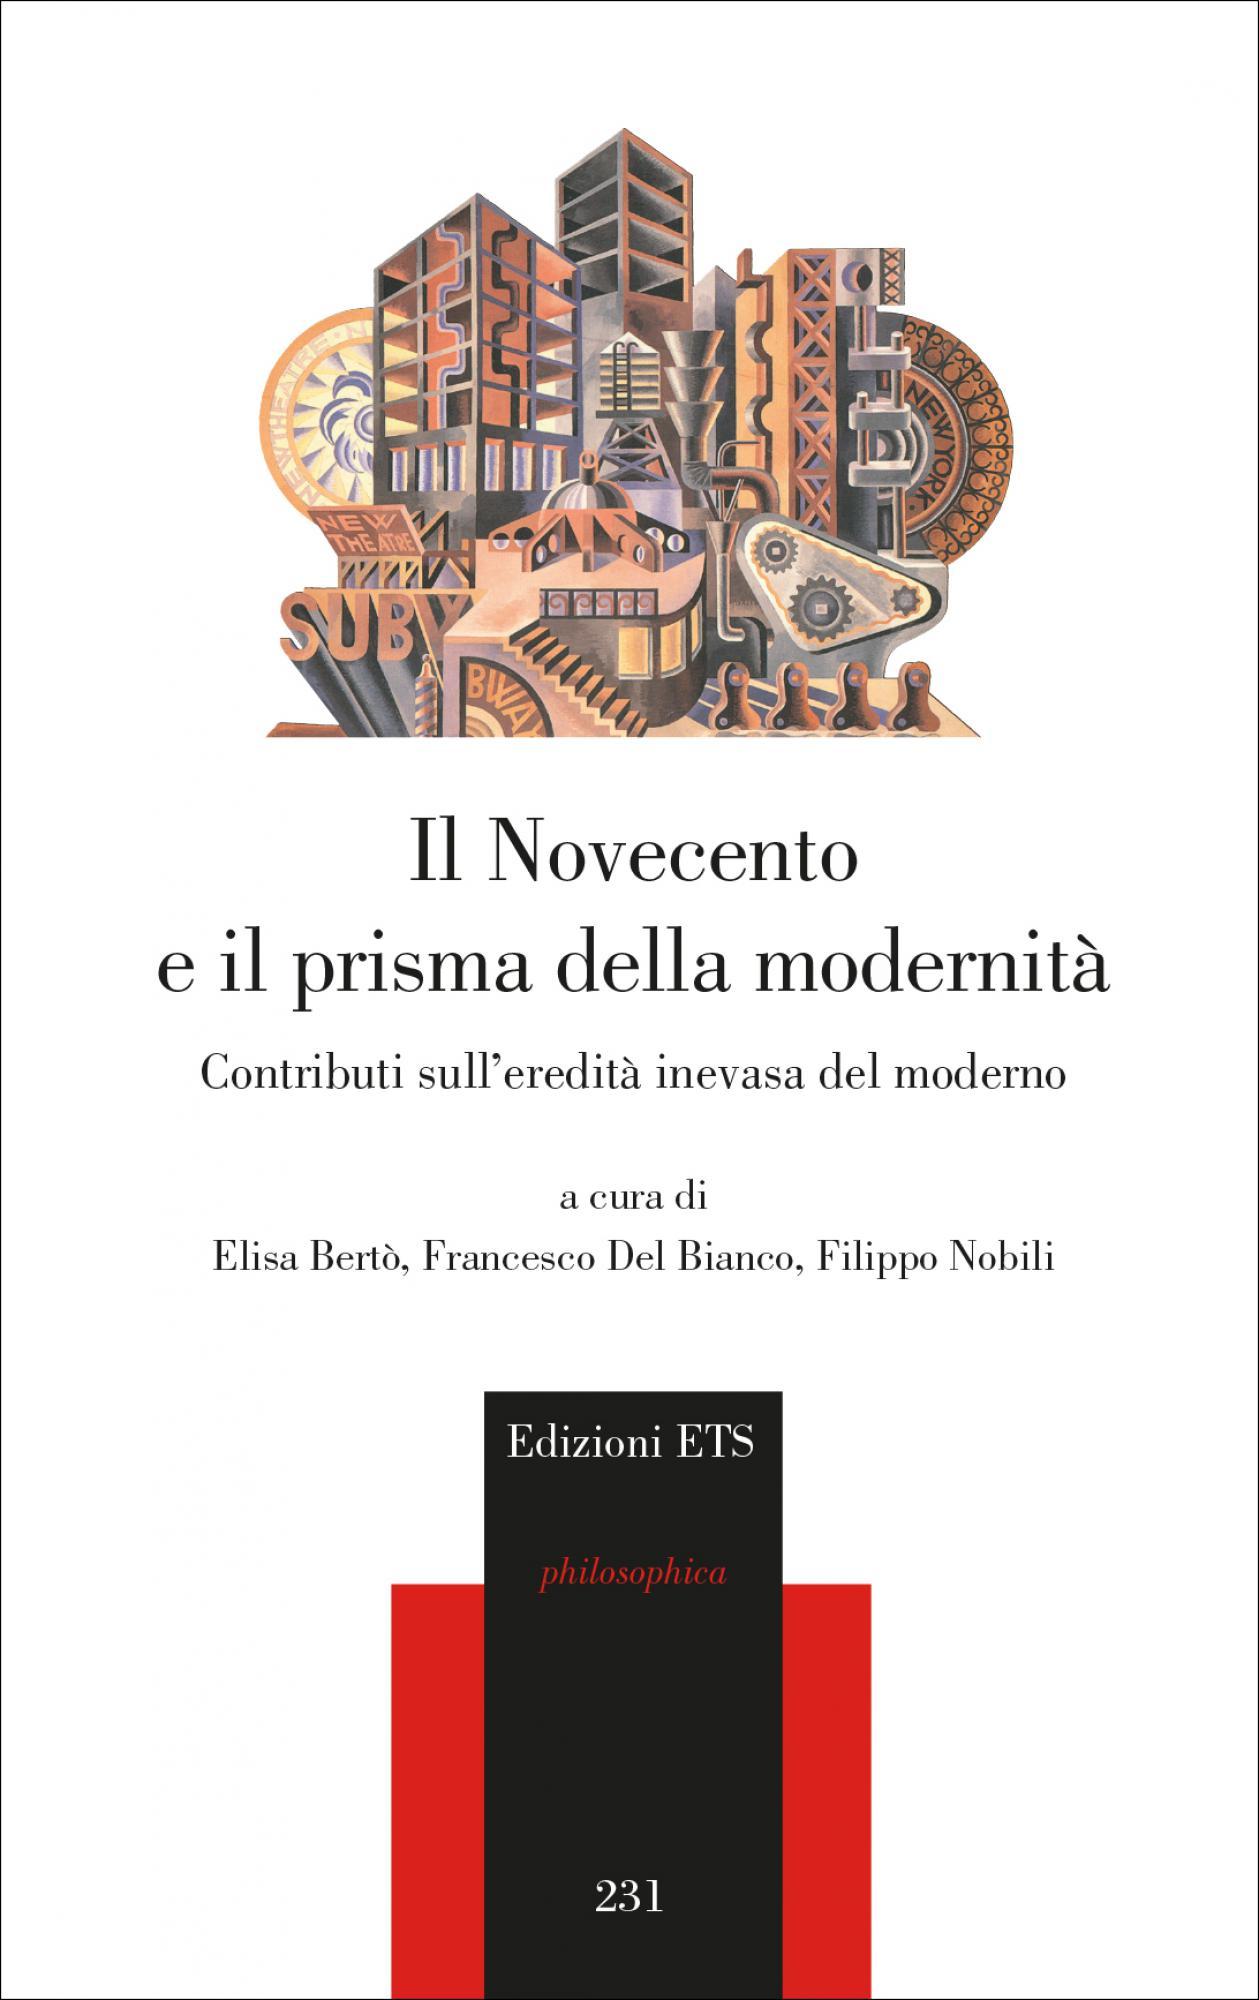 Il Novecento e il prisma della modernità.Contributi sull'eredità inevasa del moderno